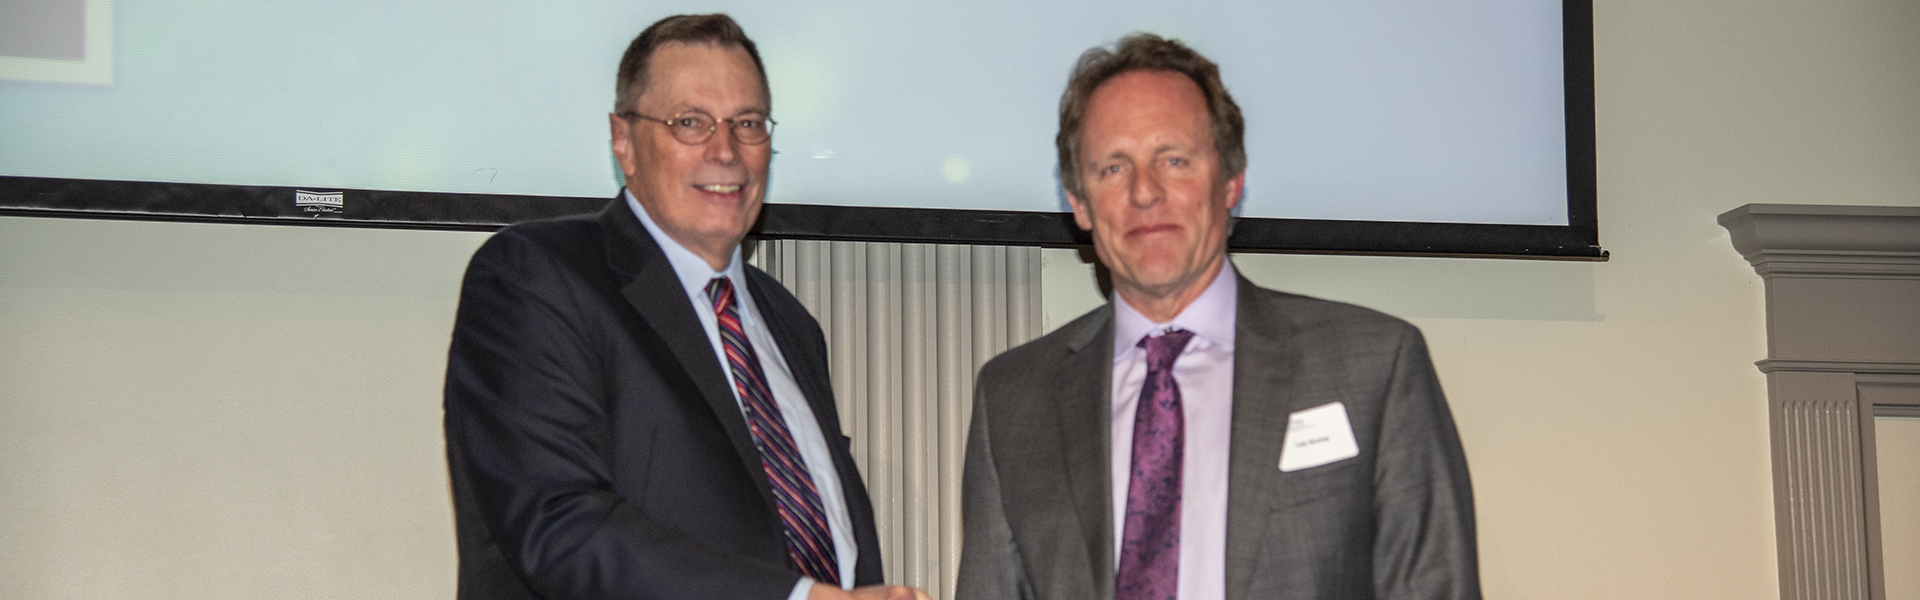 Jeffrey Kohler and Lee Kump